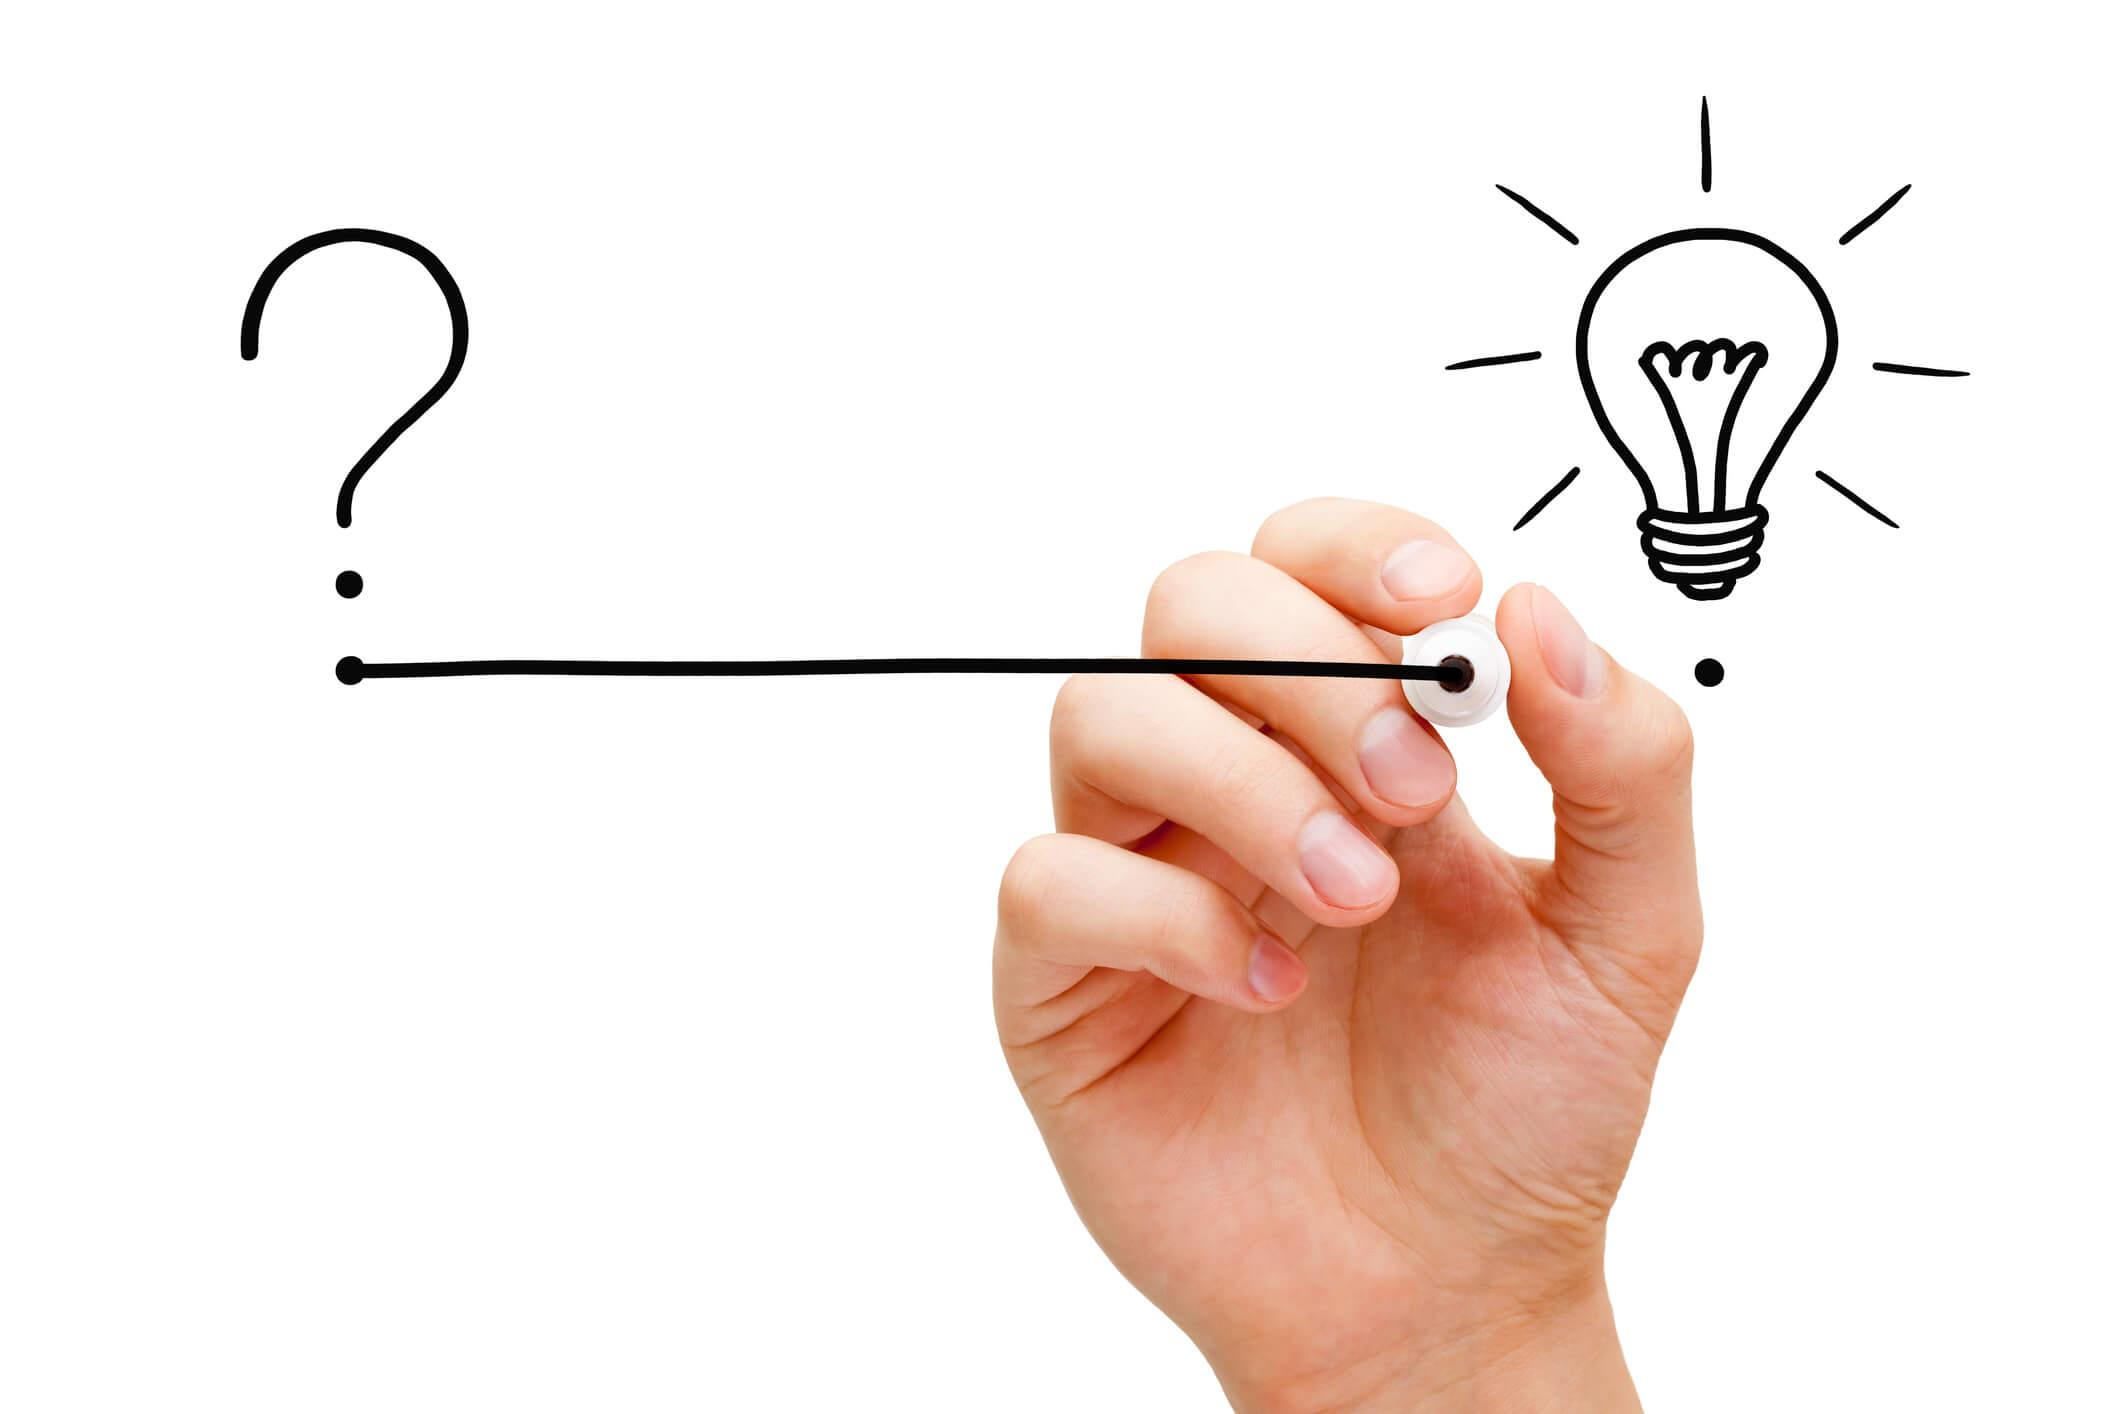 כיצד להוביל חדשנות בארגון?